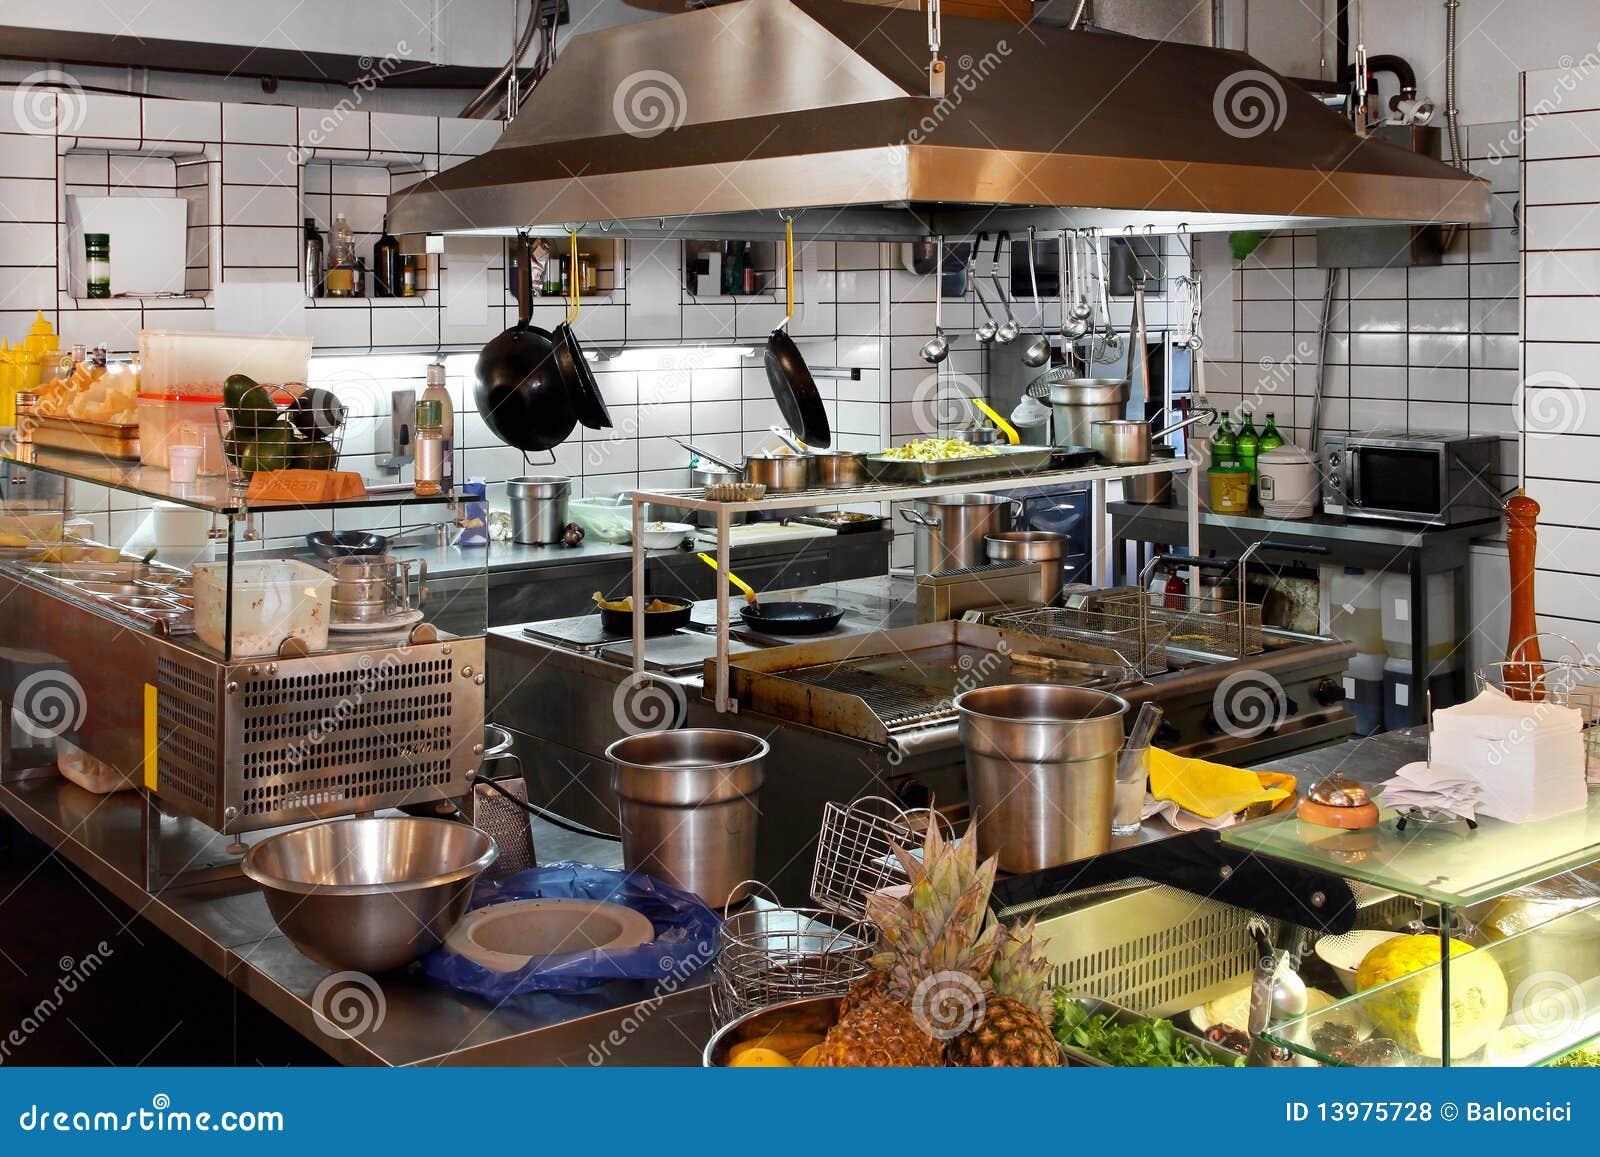 cuisine de restaurant photos libres de droits image 13975728. Black Bedroom Furniture Sets. Home Design Ideas